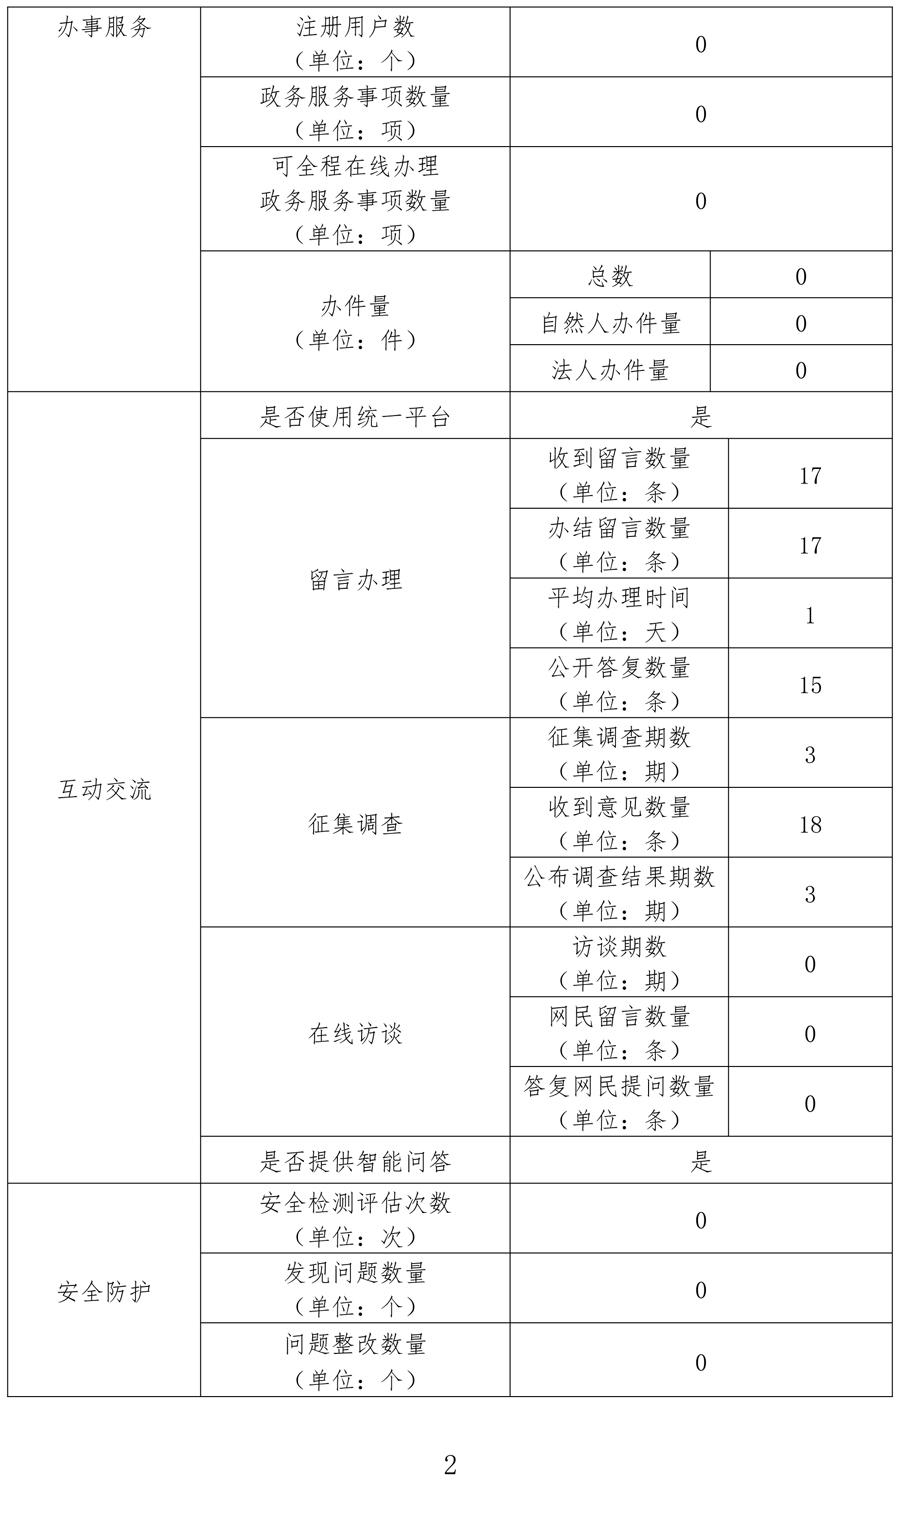 2020年政府网站工作年度报表-2.jpg